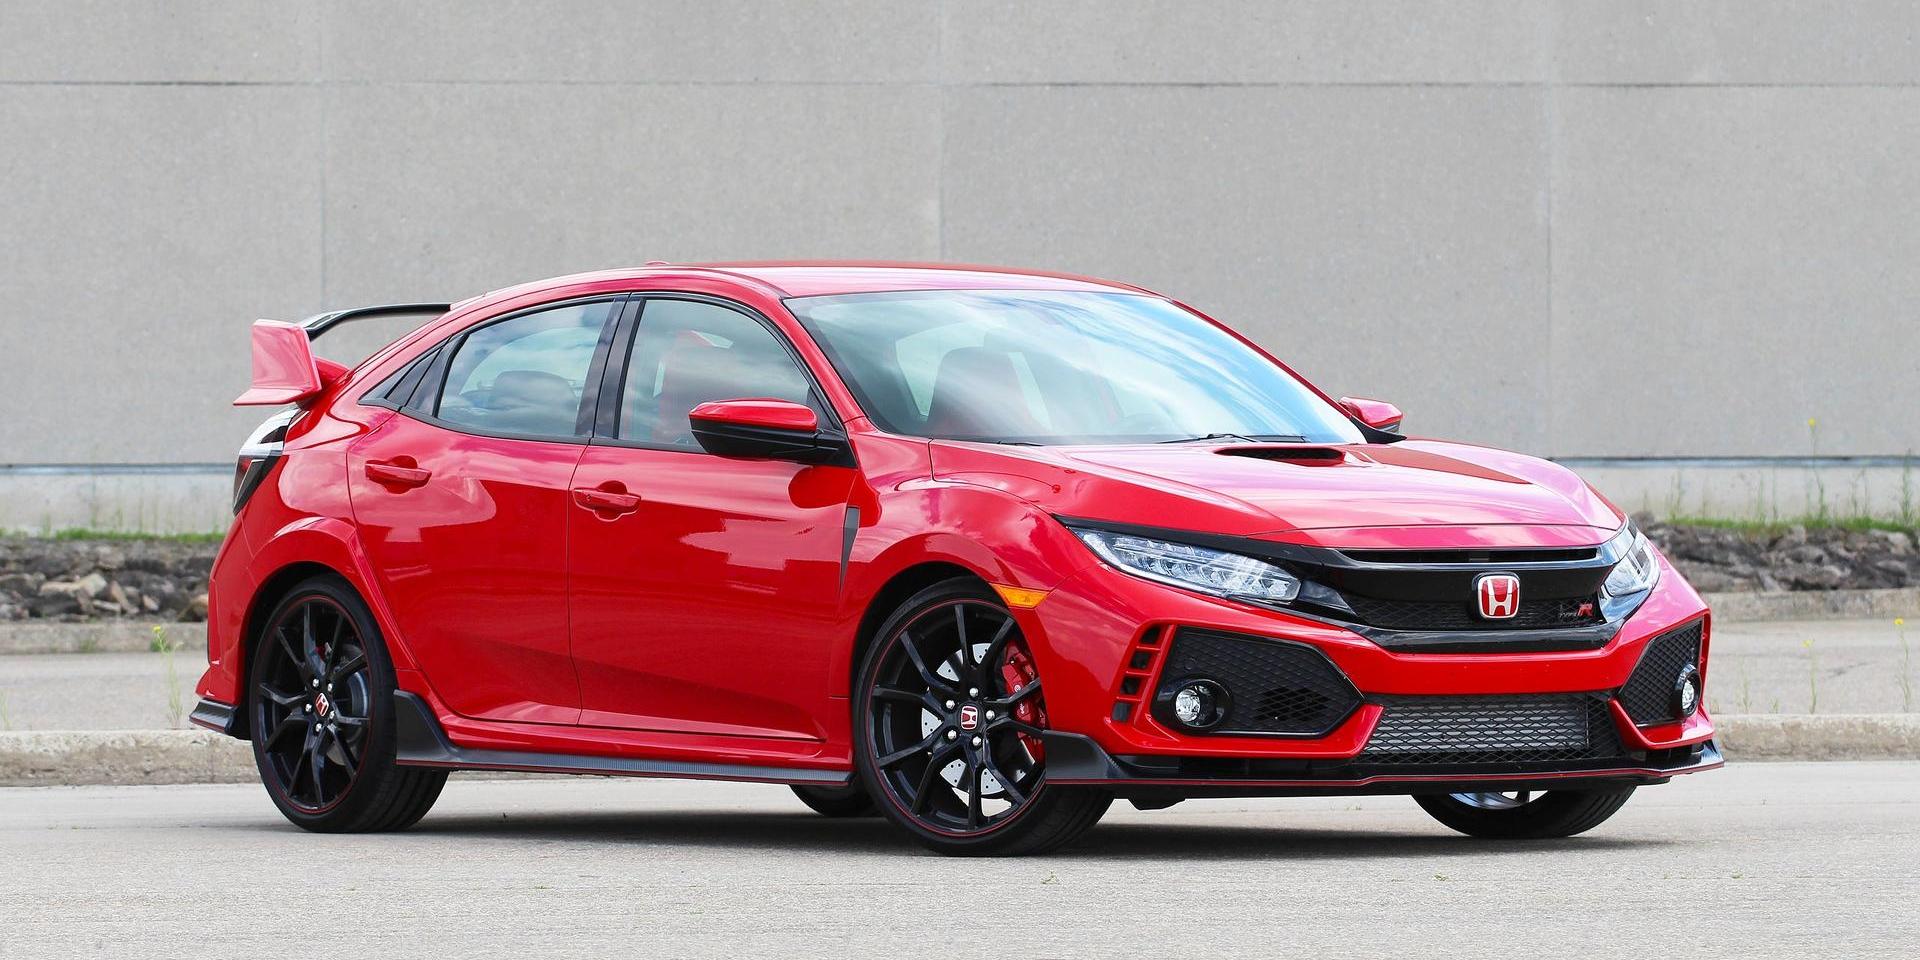 最速前驅將再進化?Honda Civic Type R不僅性能更強,AWD版本評估中!